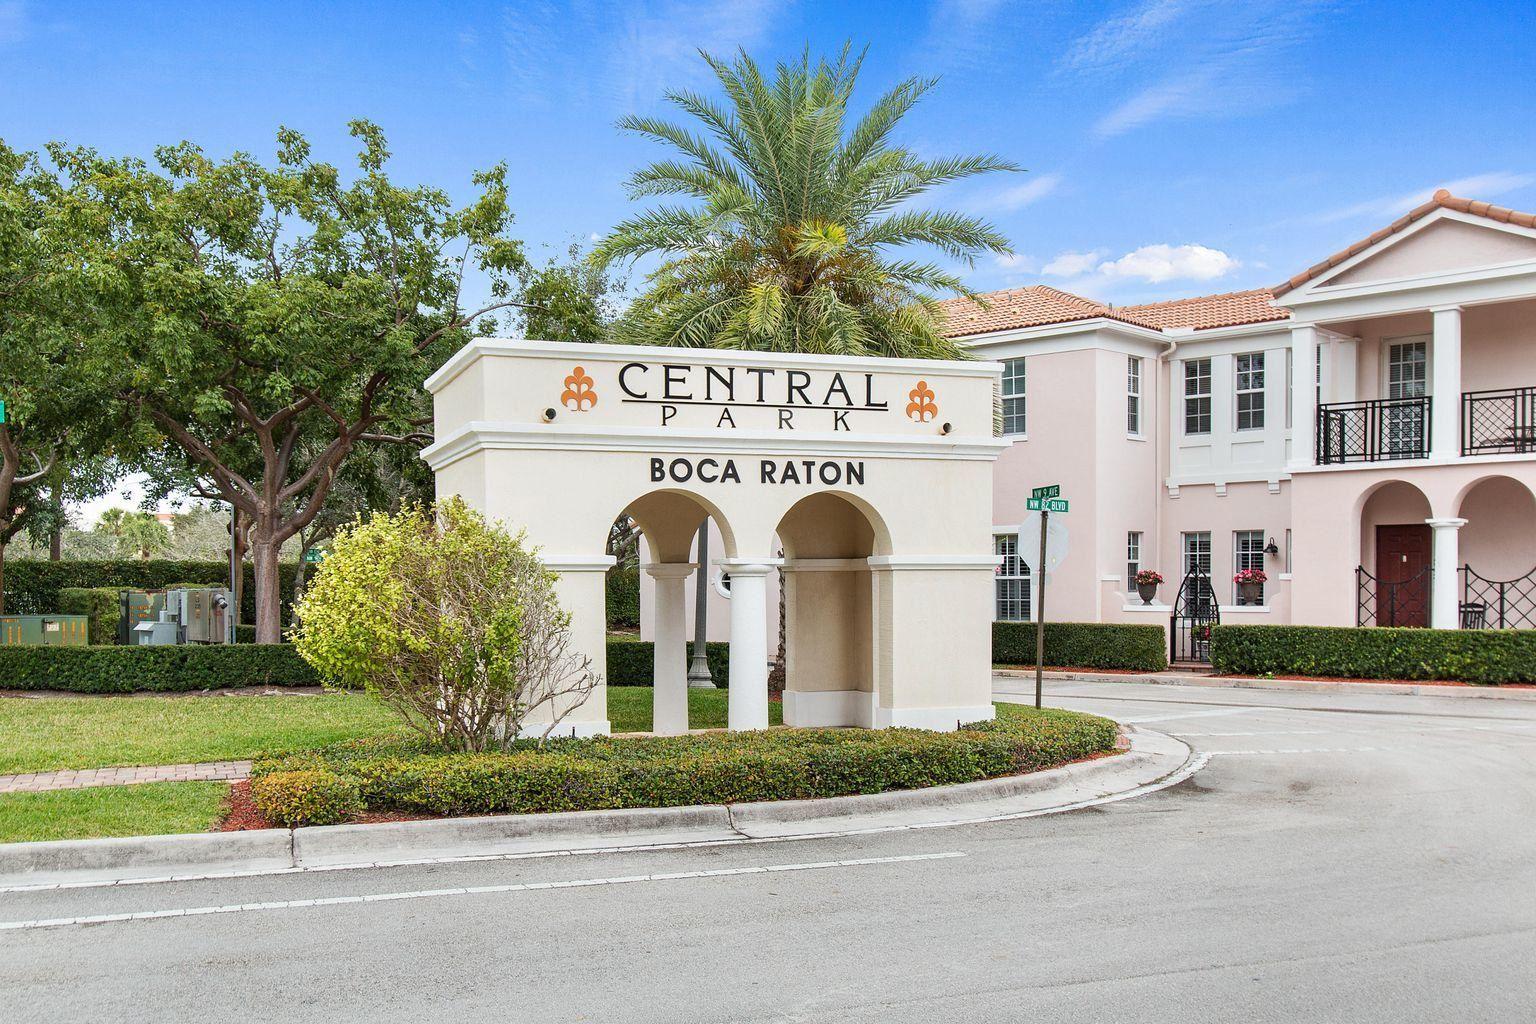 8336 NW 9th Avenue, Boca Raton, FL 33487 - #: RX-10729699